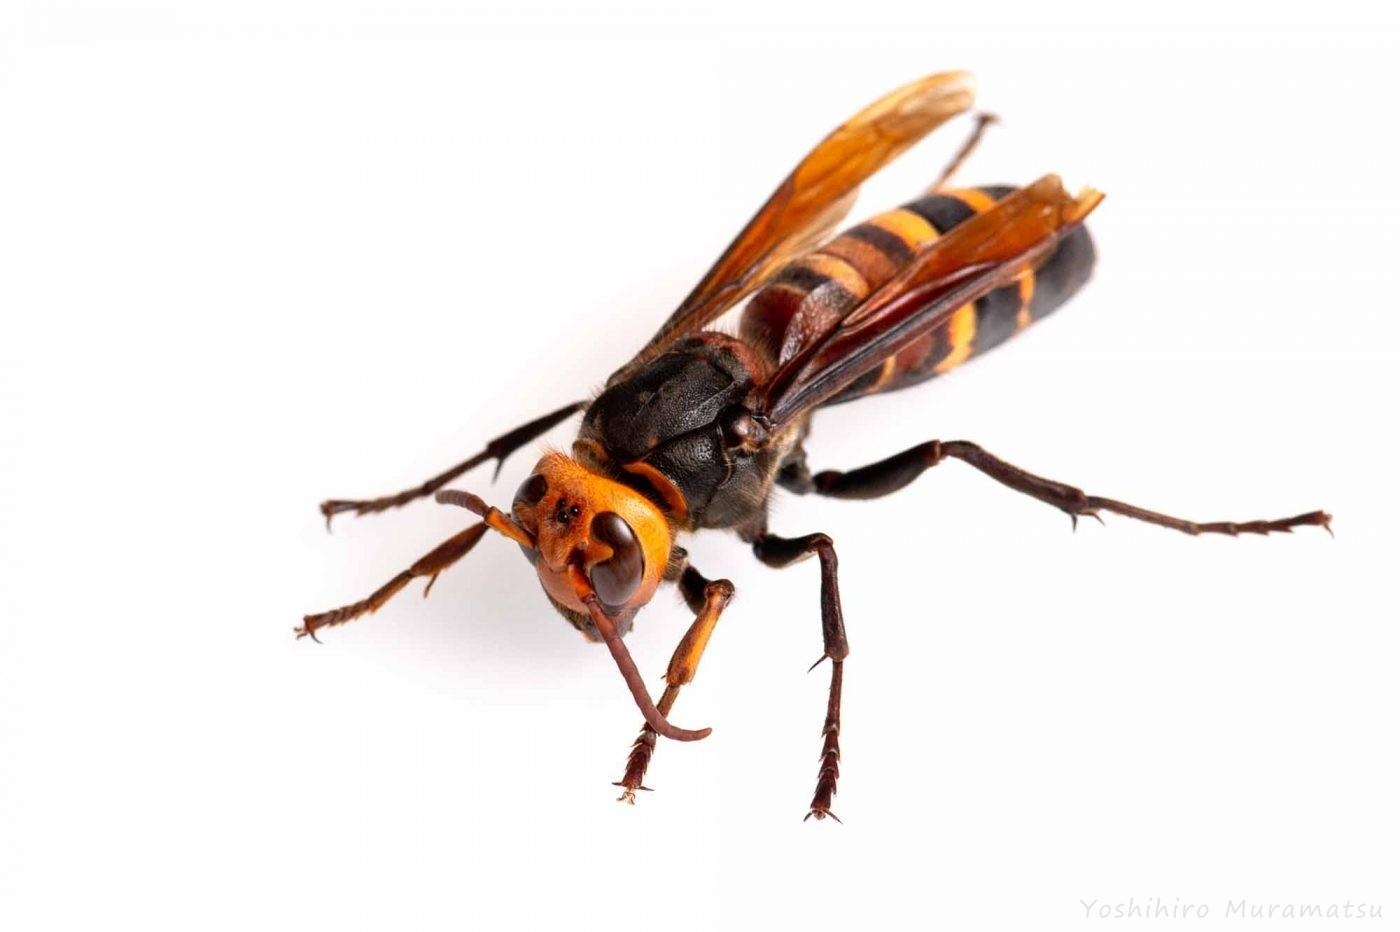 ヒメスズメバチの写真